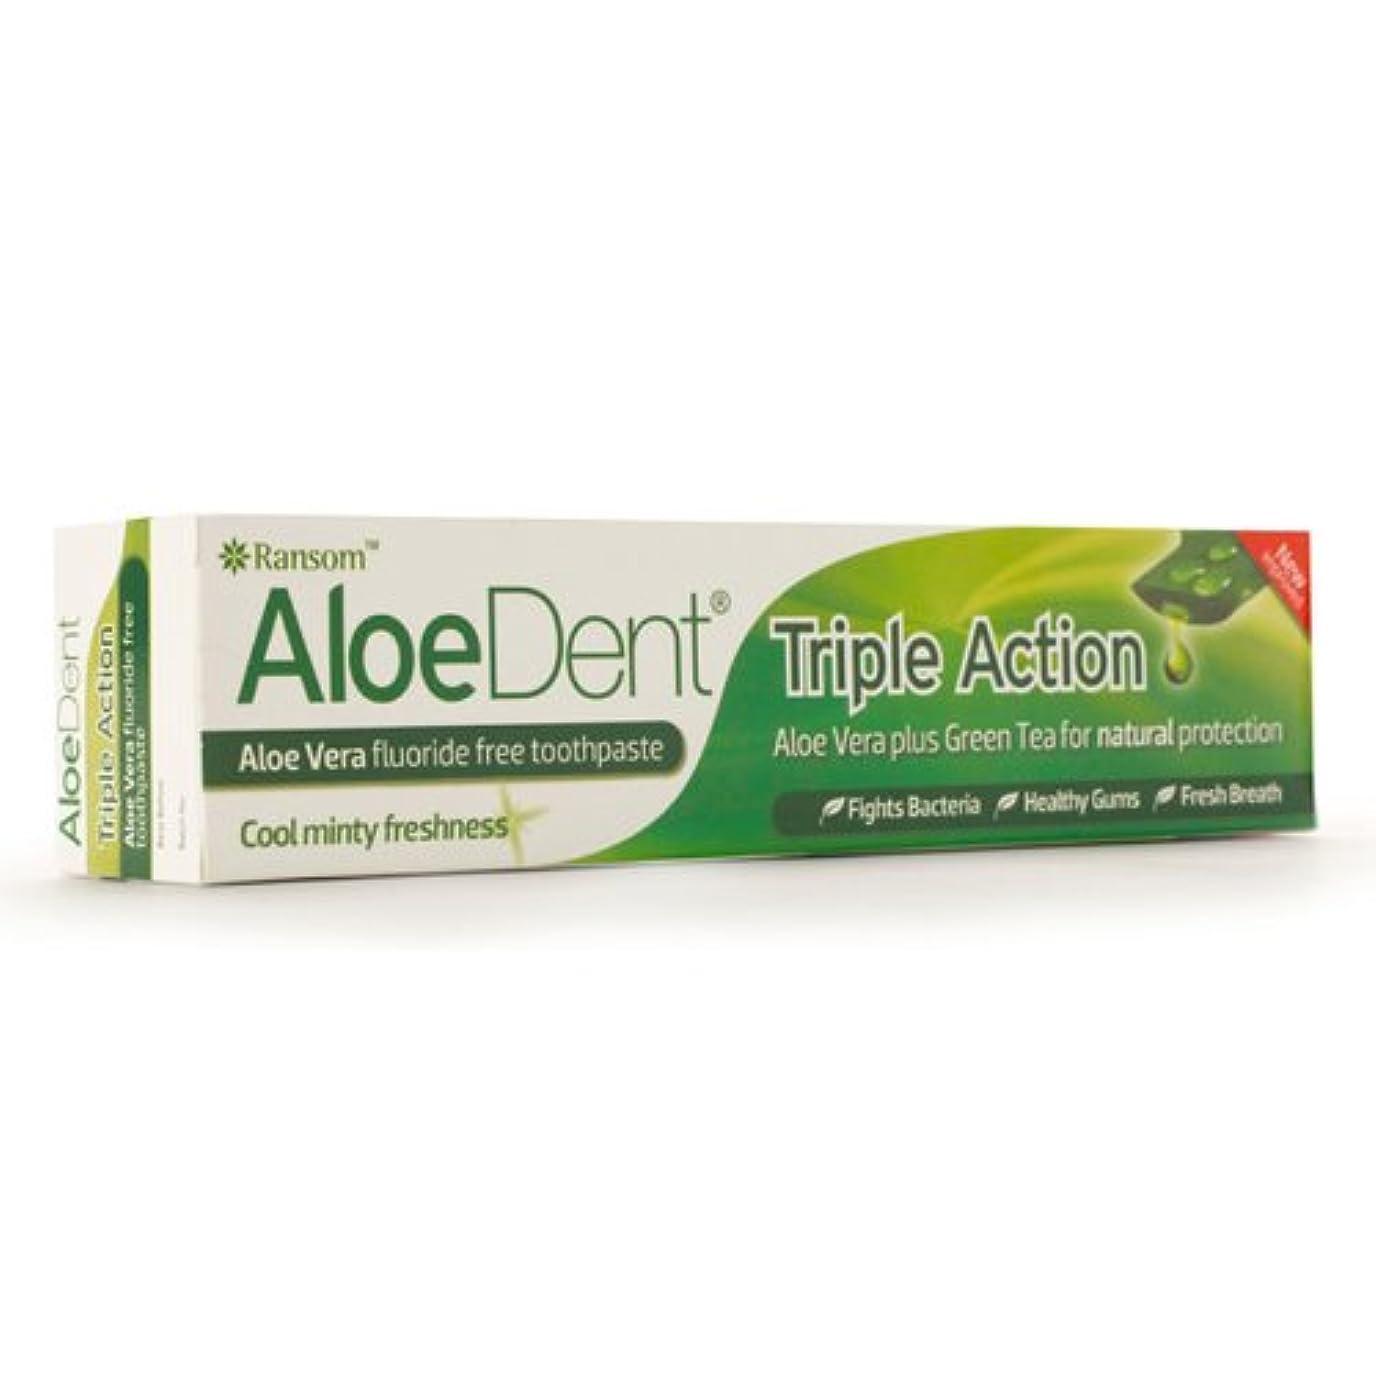 スリップシューズソフィーどこにでもAloeDent Triple Action Aloe Vera Fluoride Free Toothpaste 100ml